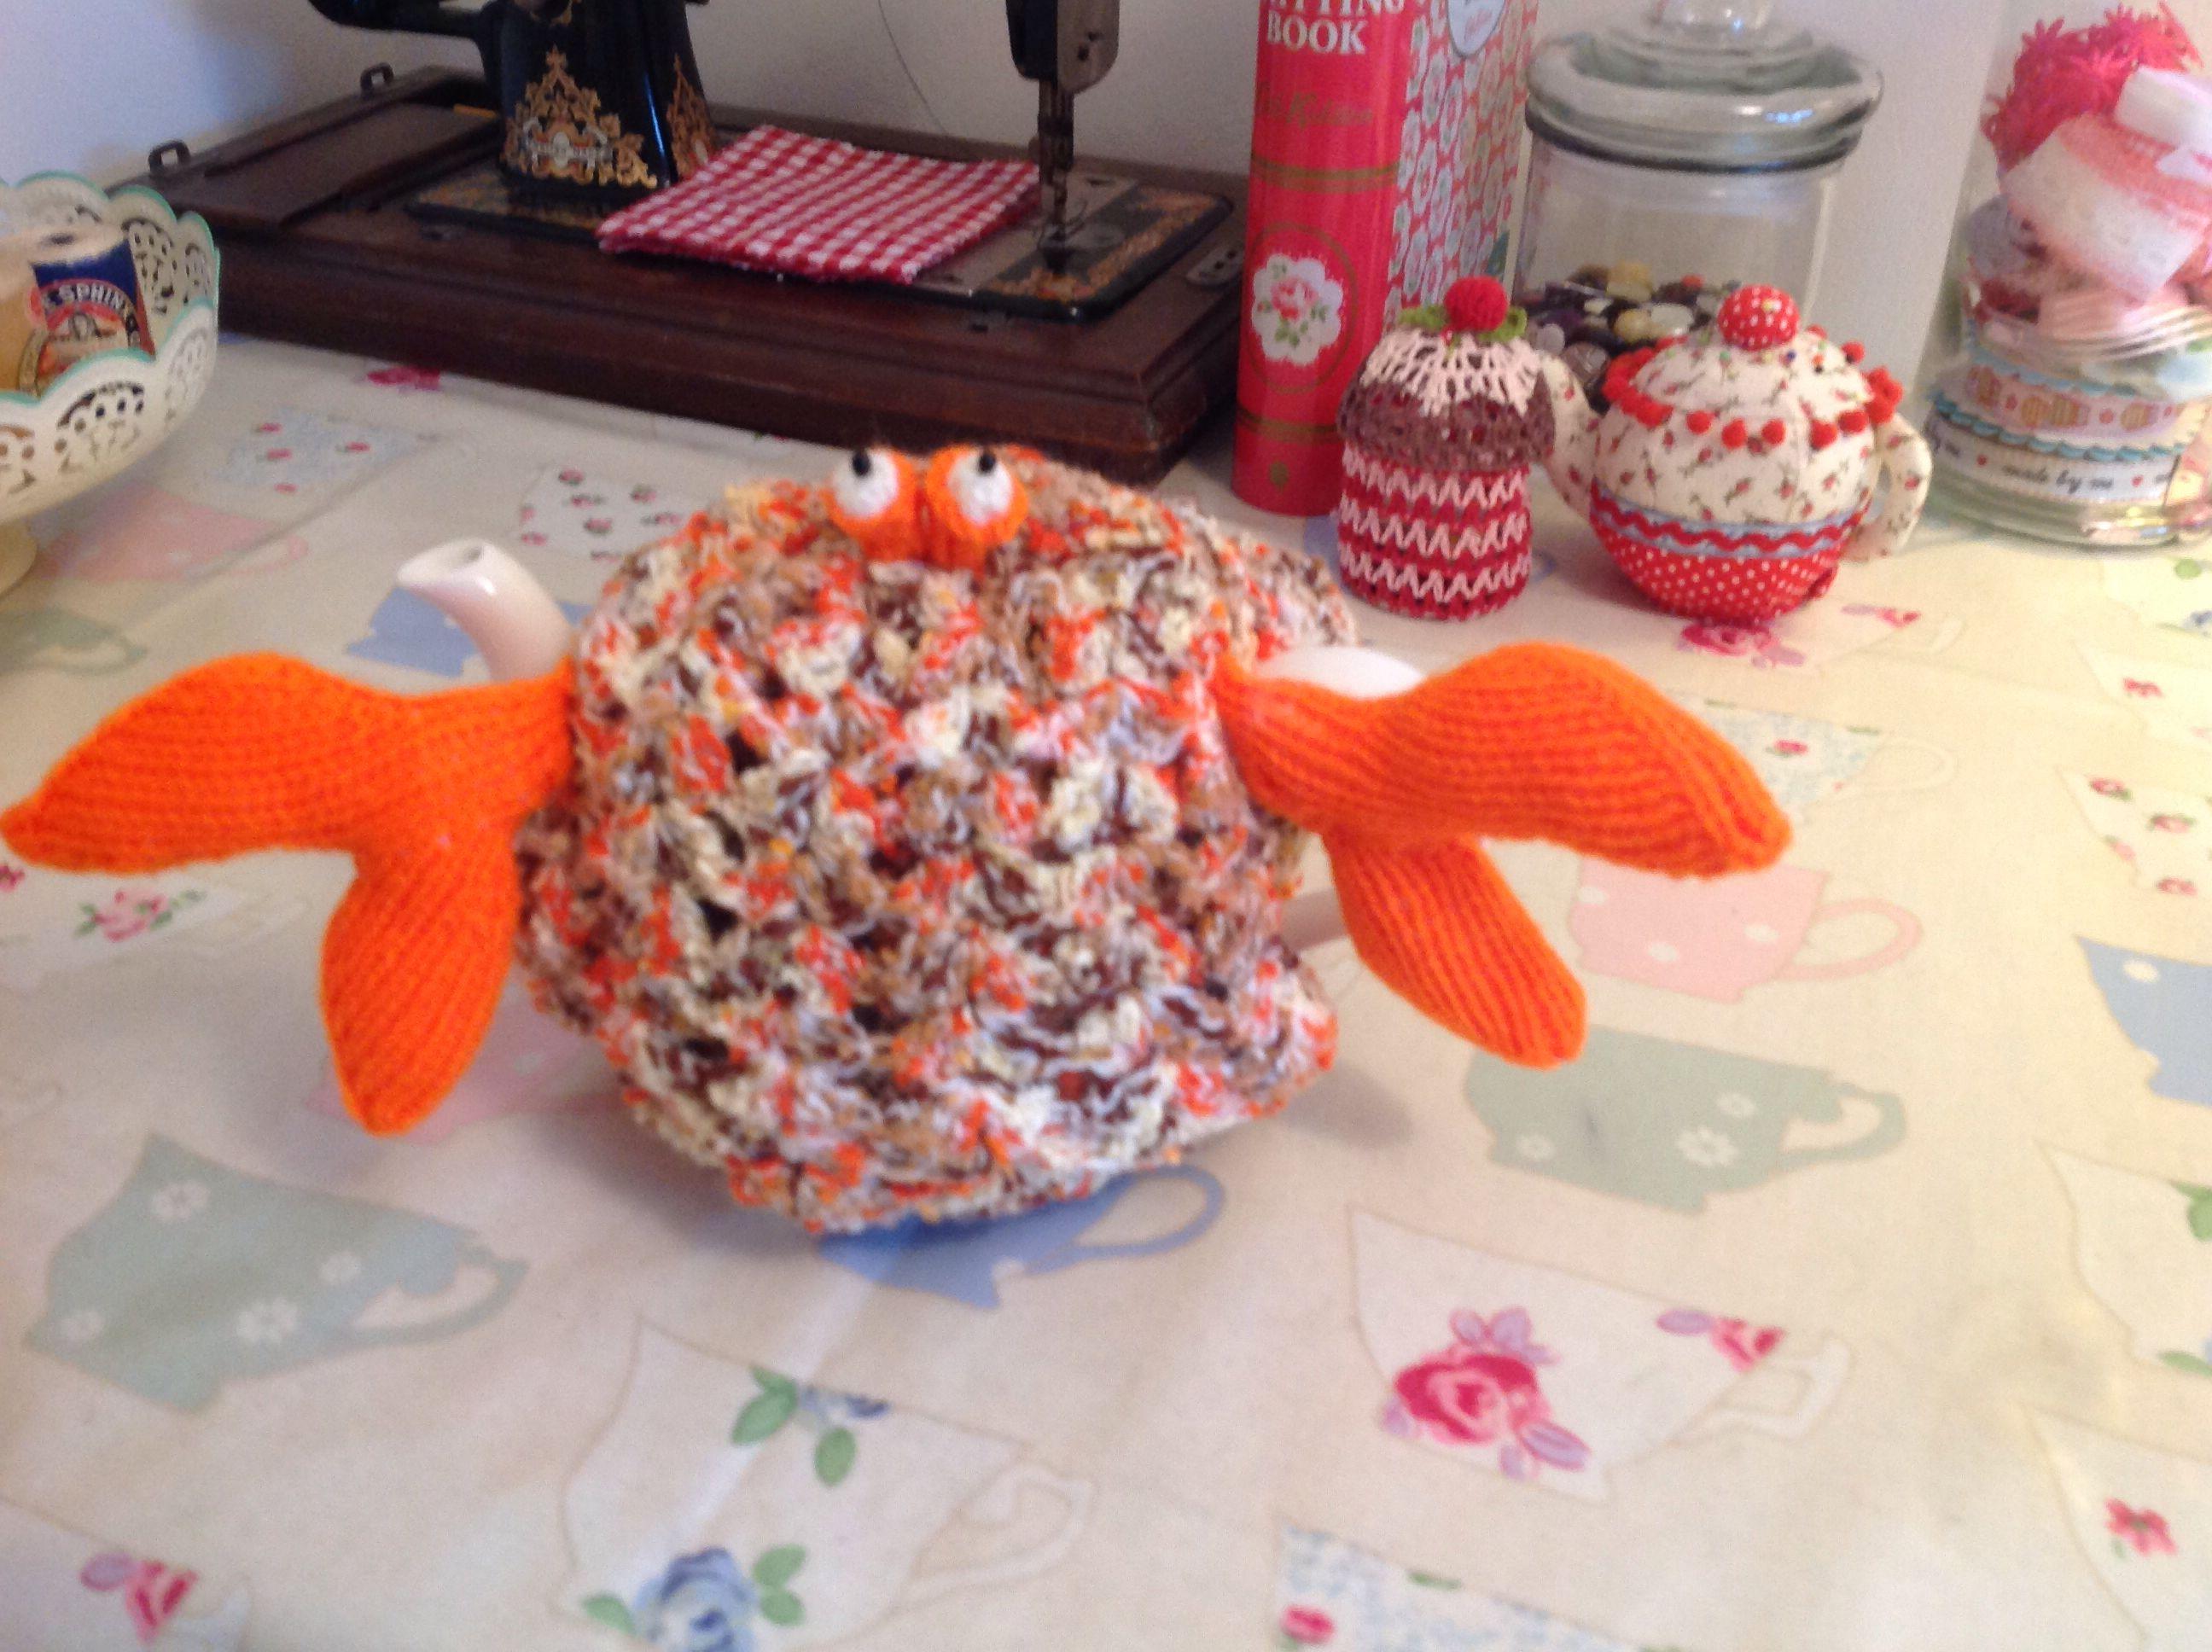 New crab tea cozy!